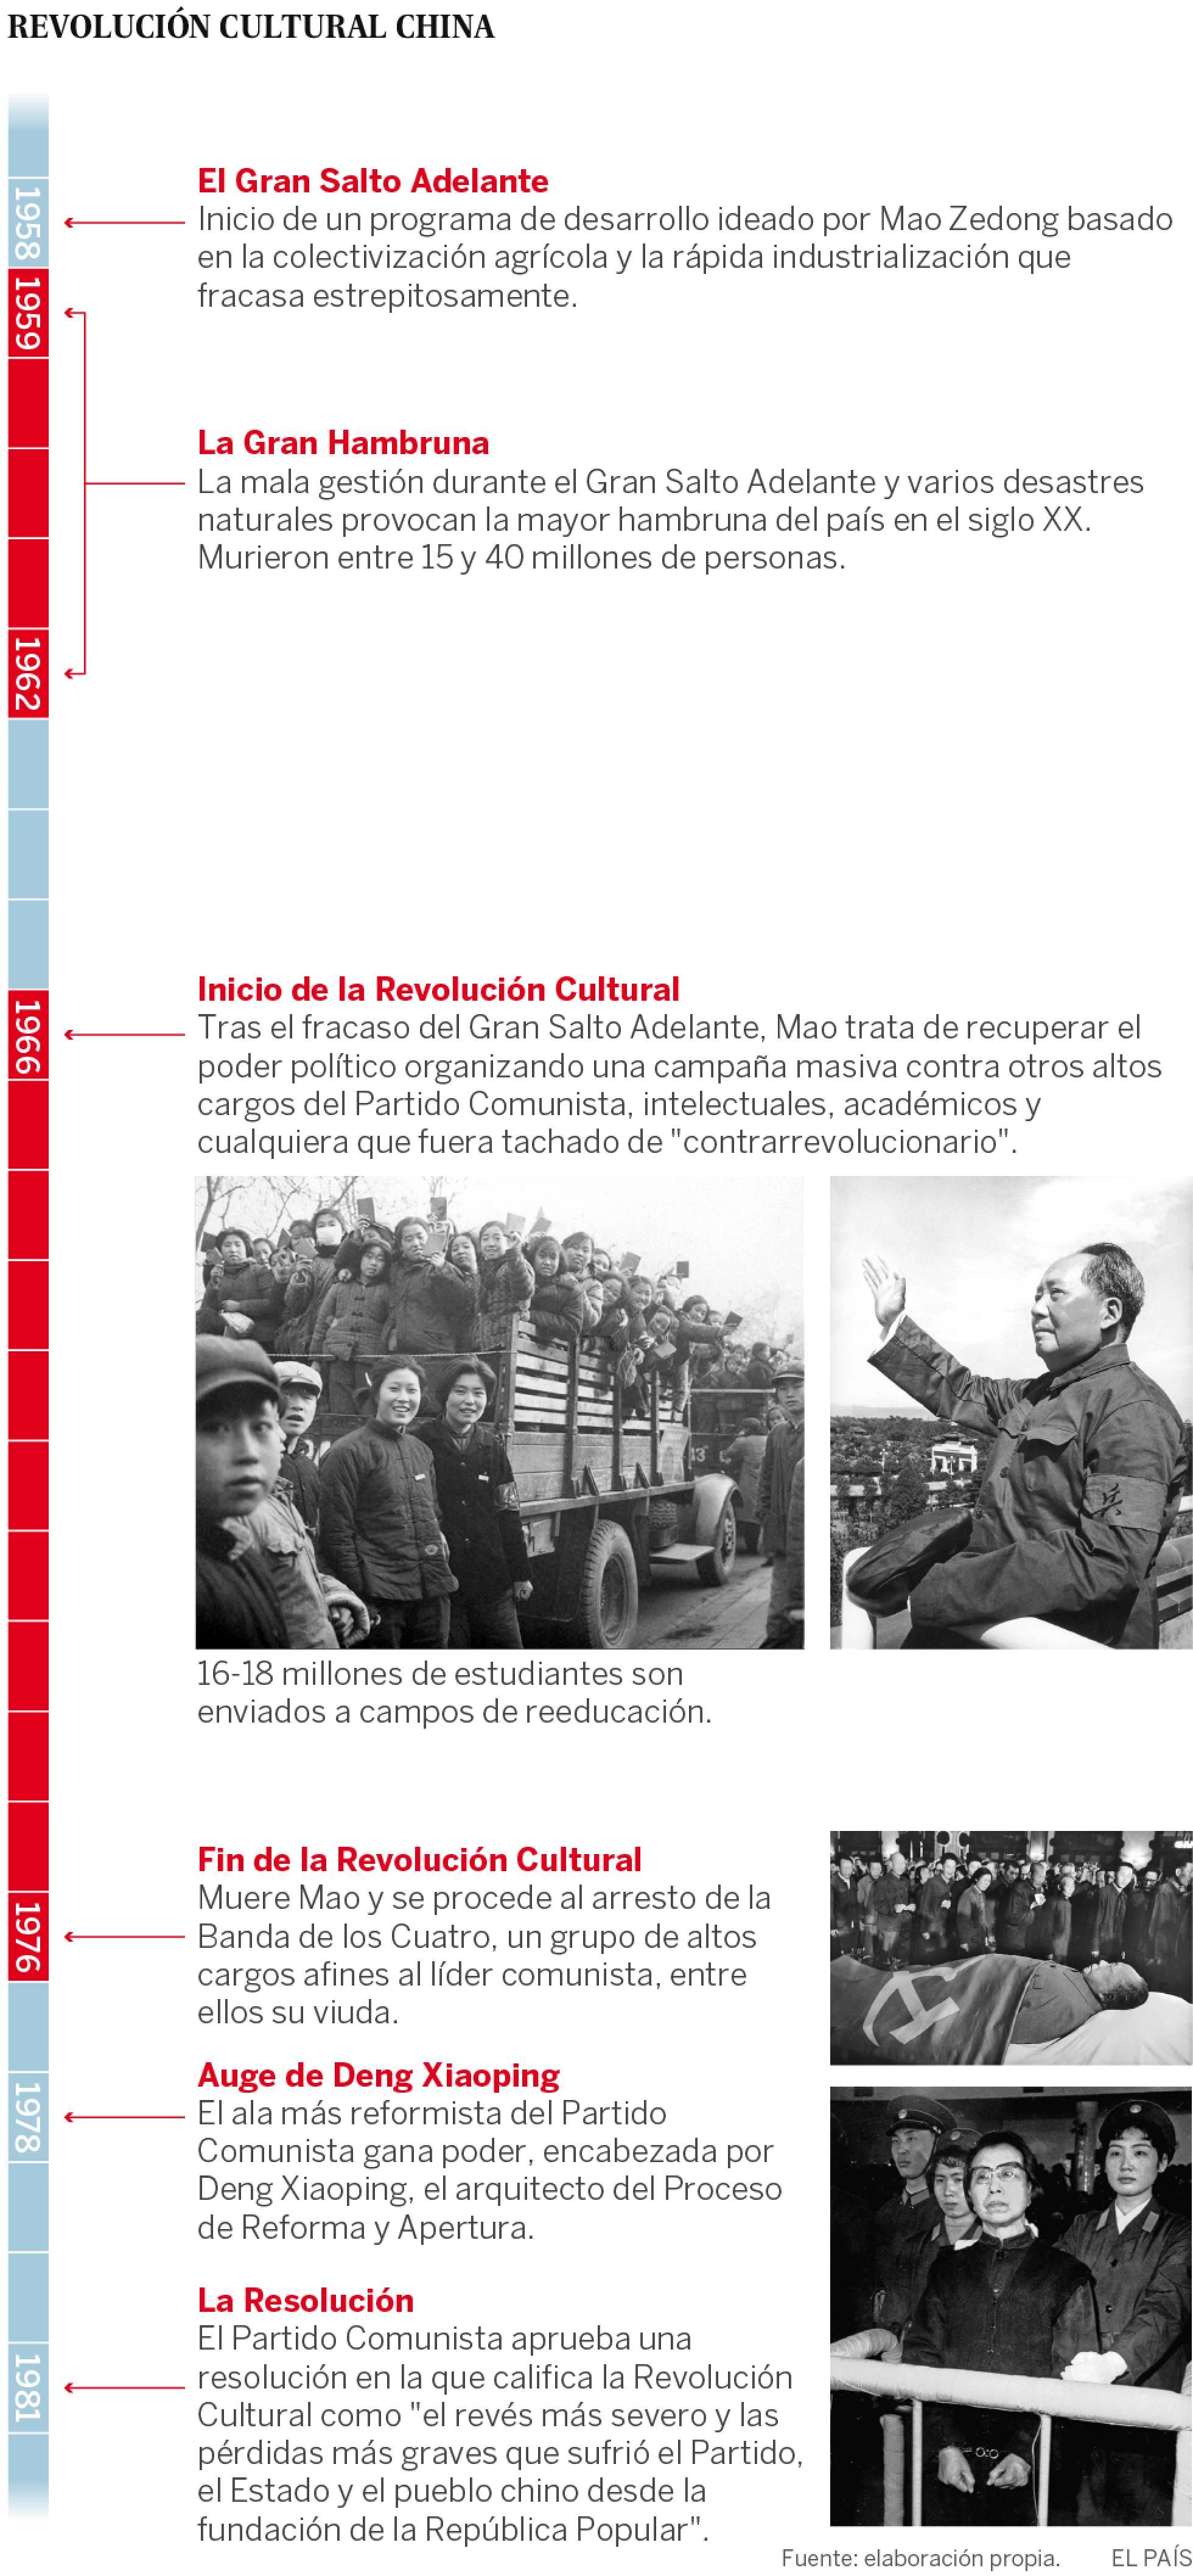 revolucionculturalchinagraficook